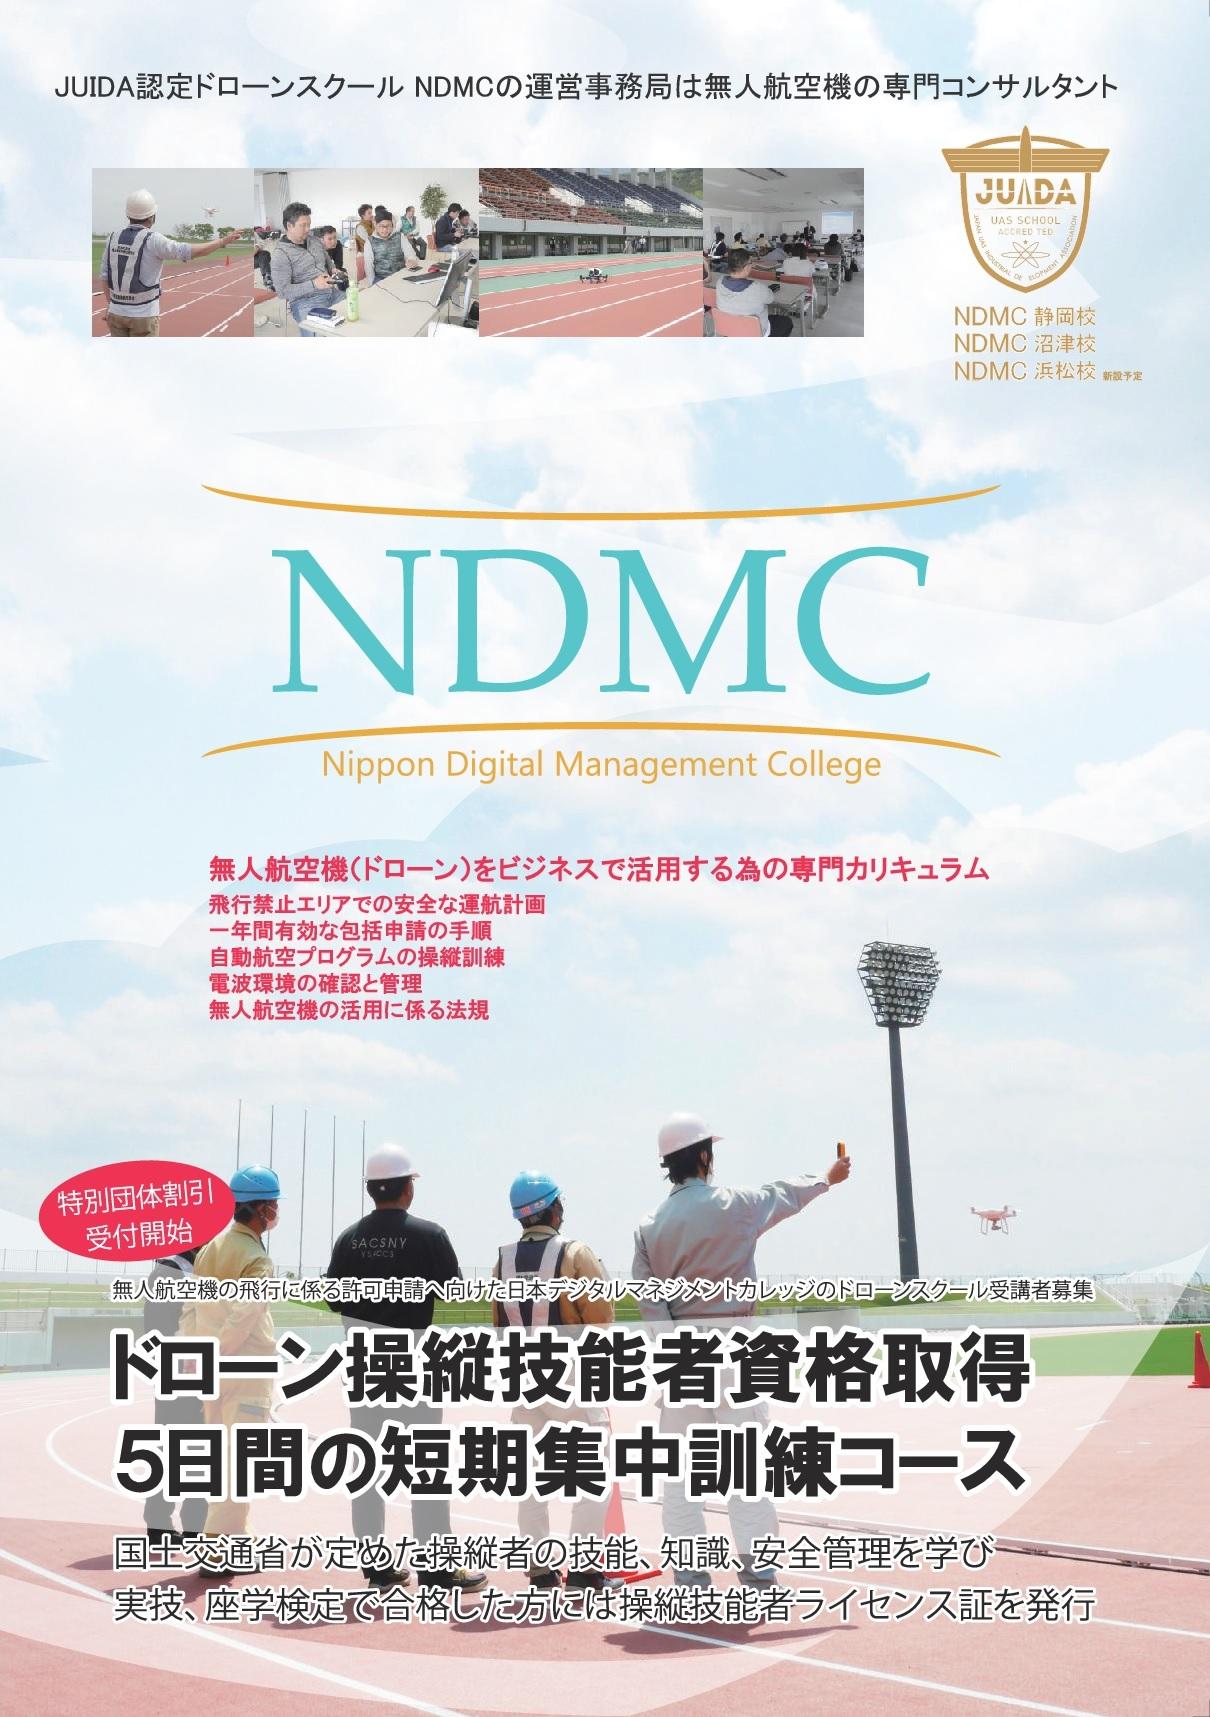 NDMC-S-S2